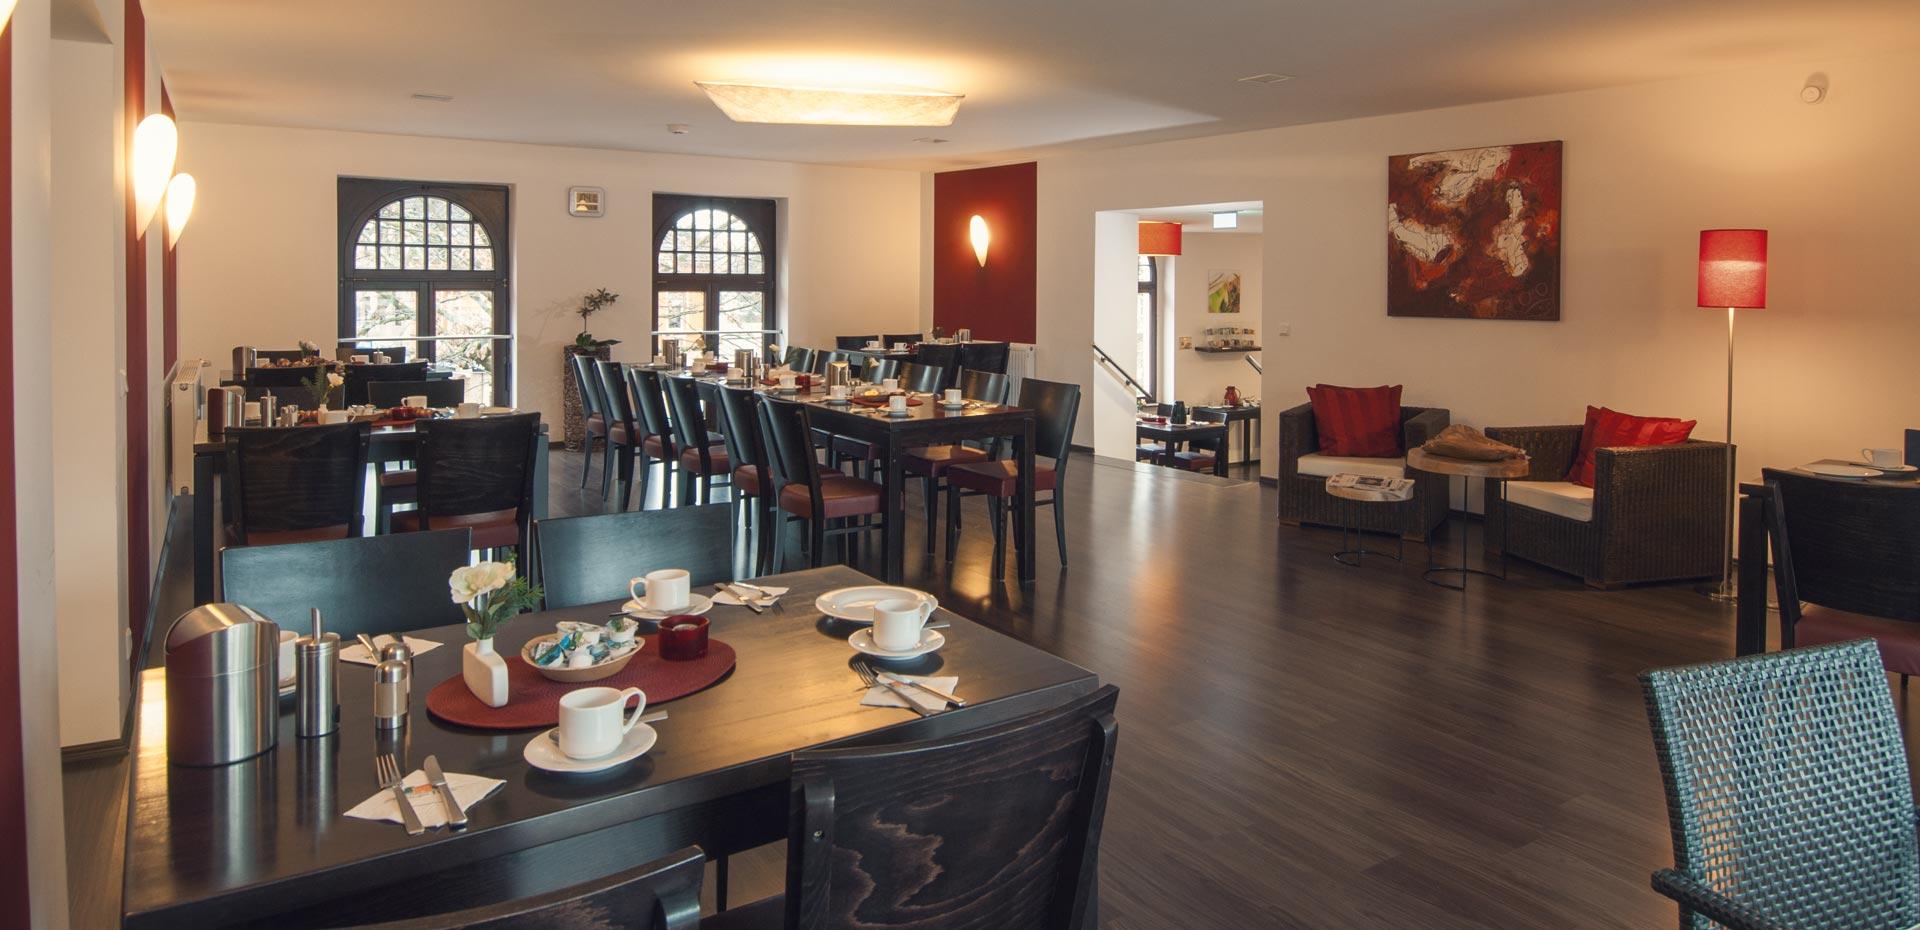 Frühstücksraum im Hotel Frechener Hof